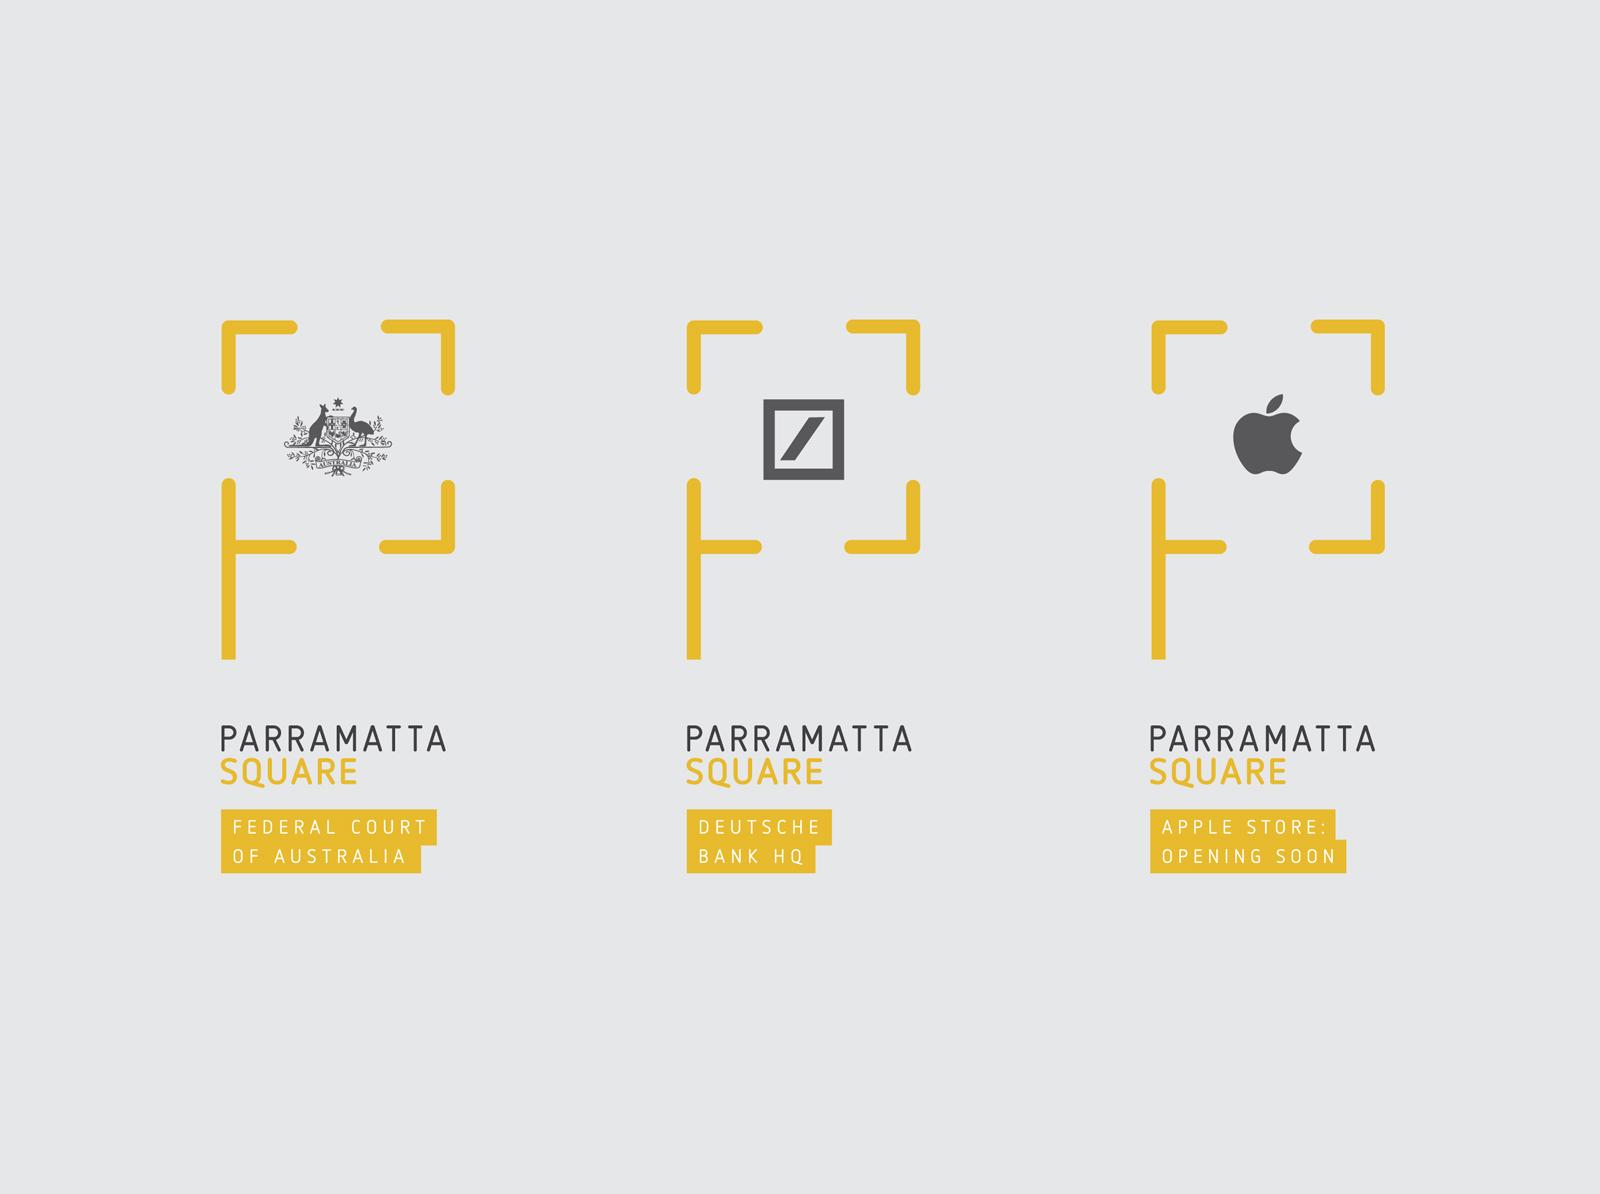 Matt_Johnson_Parramatta_05